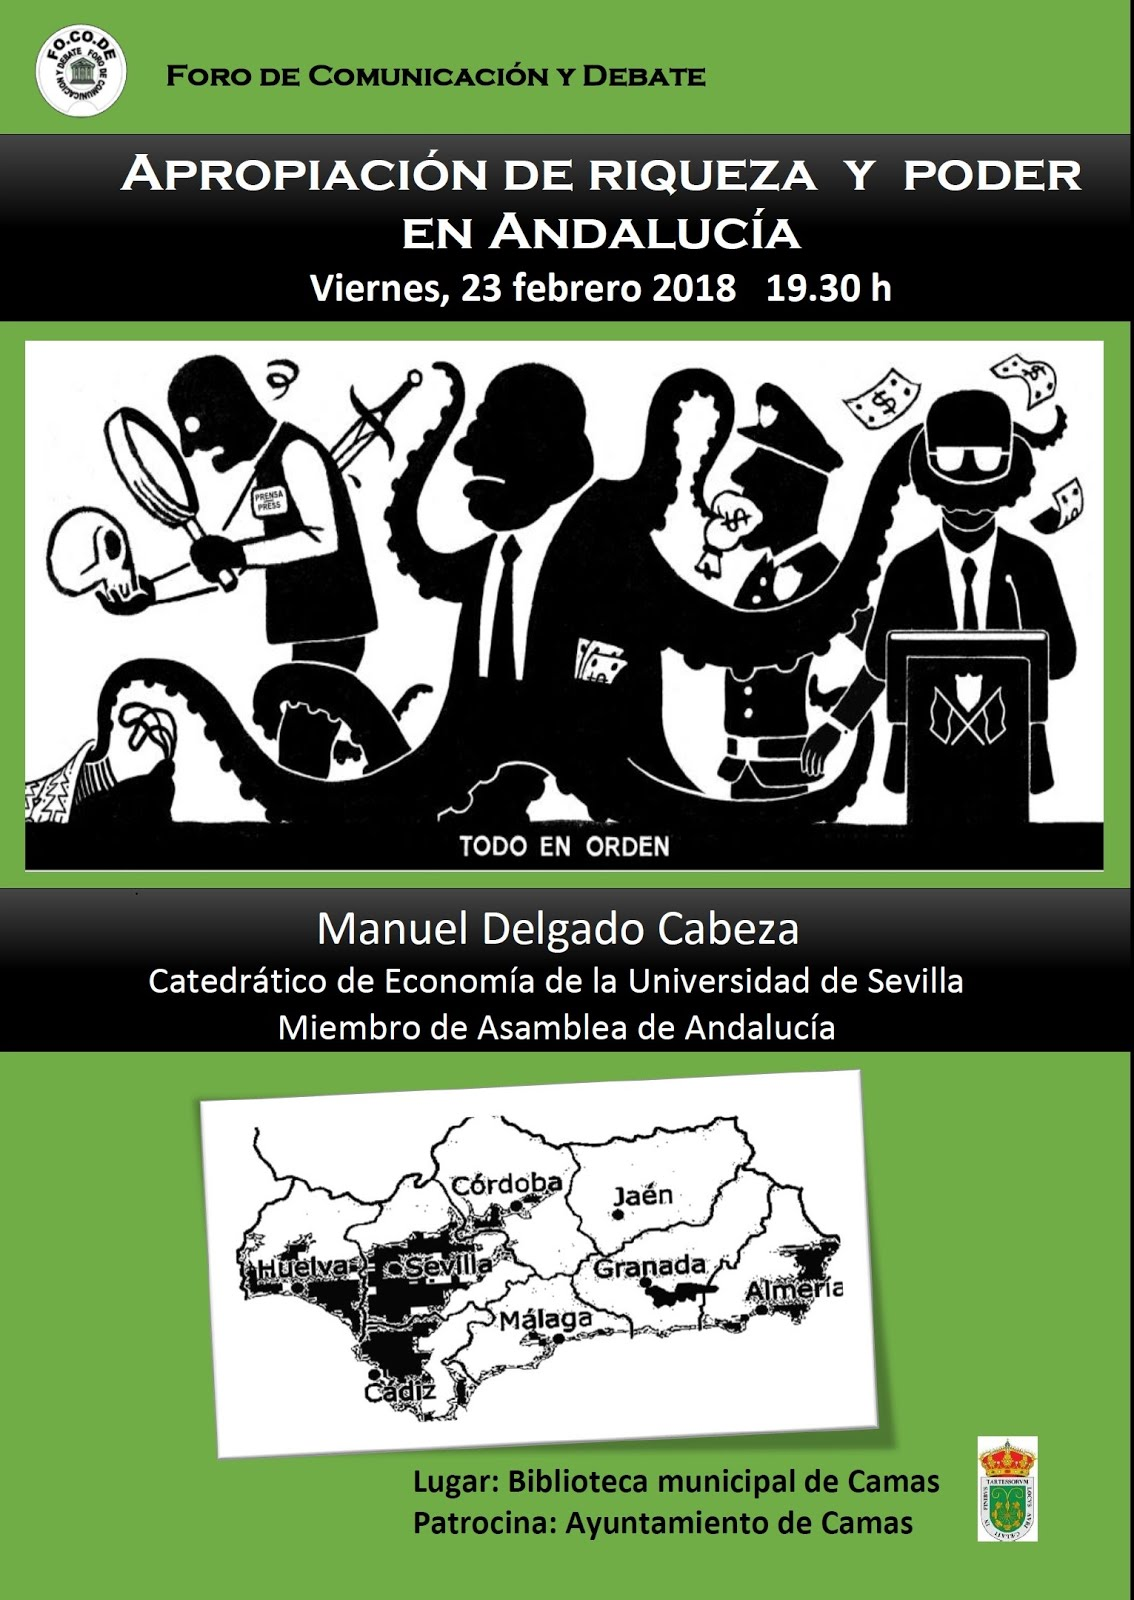 Charla-Debate: APROPIACIÓN DE RIQUEZA Y PODER EN ANDALUCÍA. Manuel Delgado Cabeza.